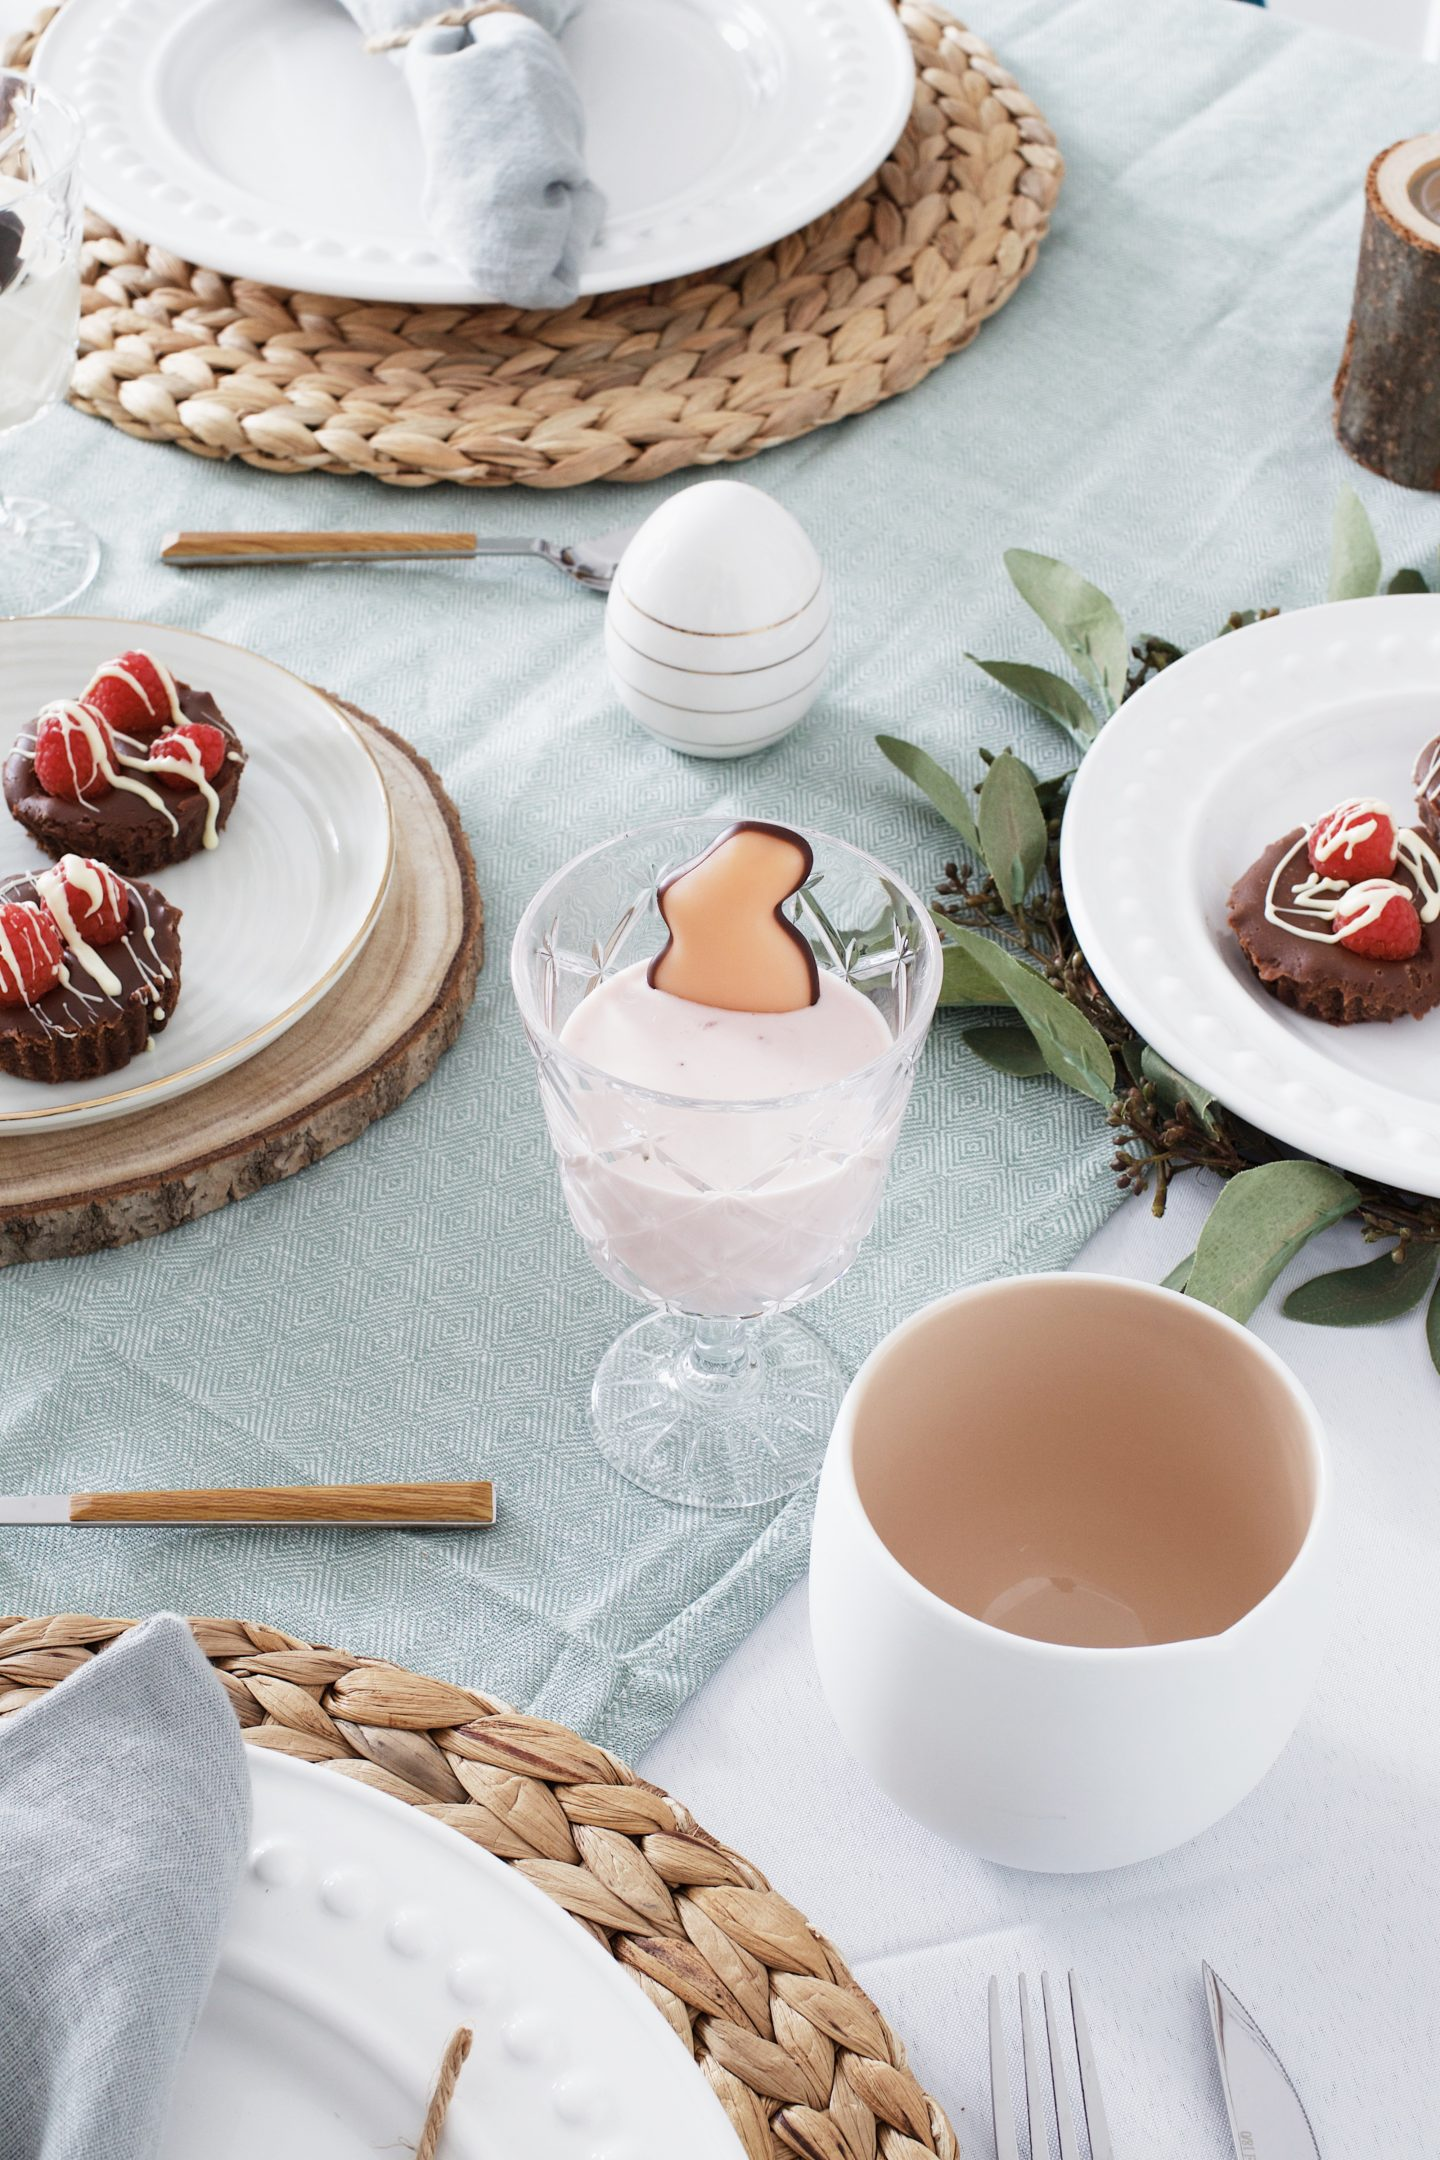 3 leckere Ideen für deine Ostertafel - Dessert anrichten mal anders